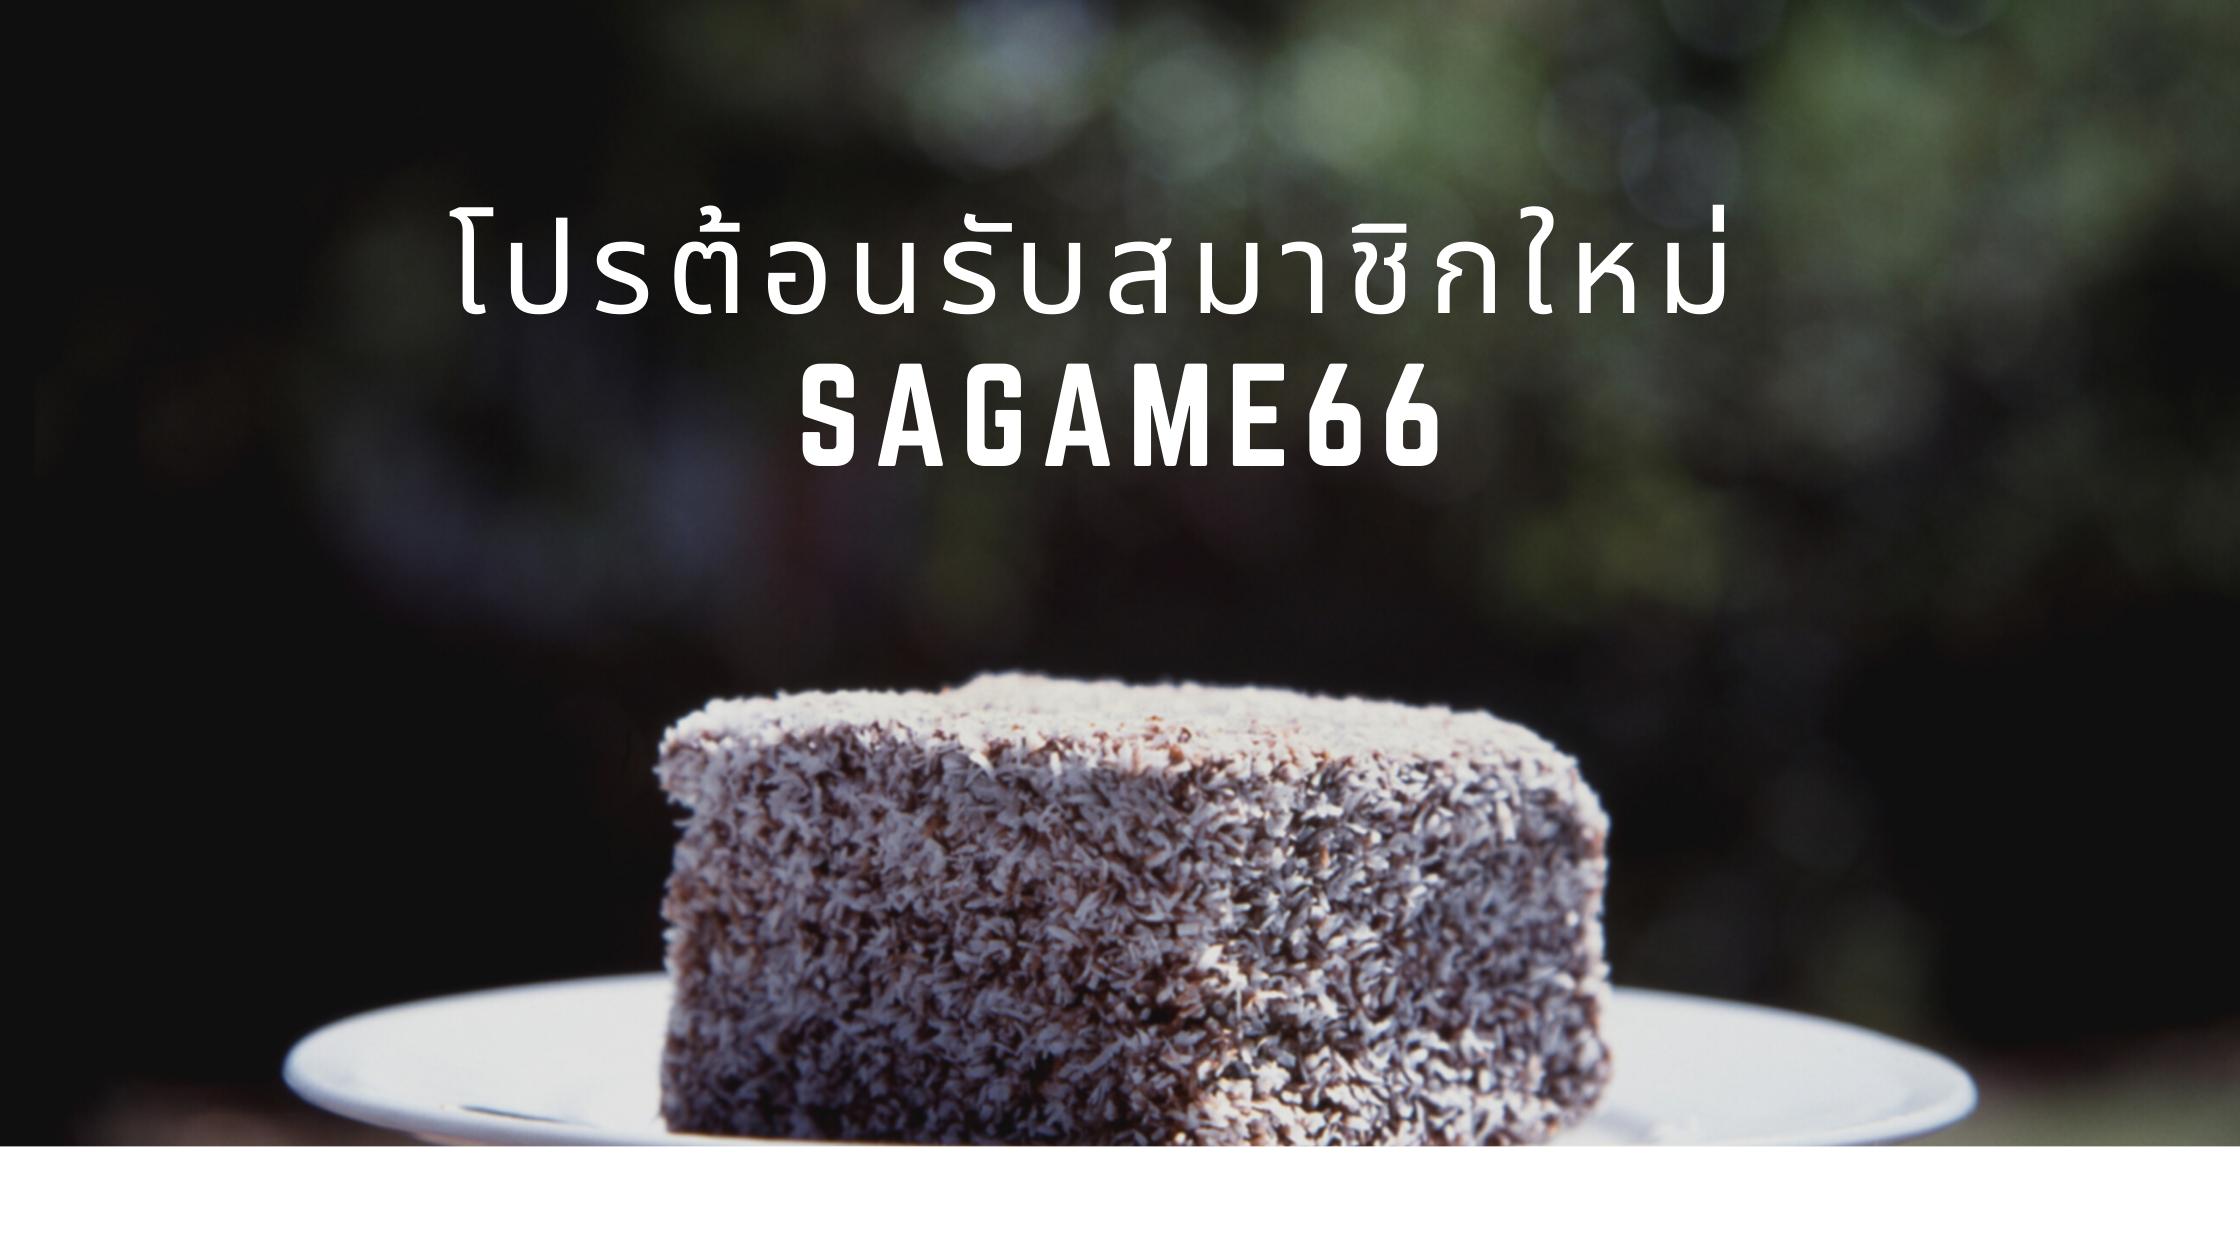 โปรต้อนรับสมาชิกใหม่ sagame66